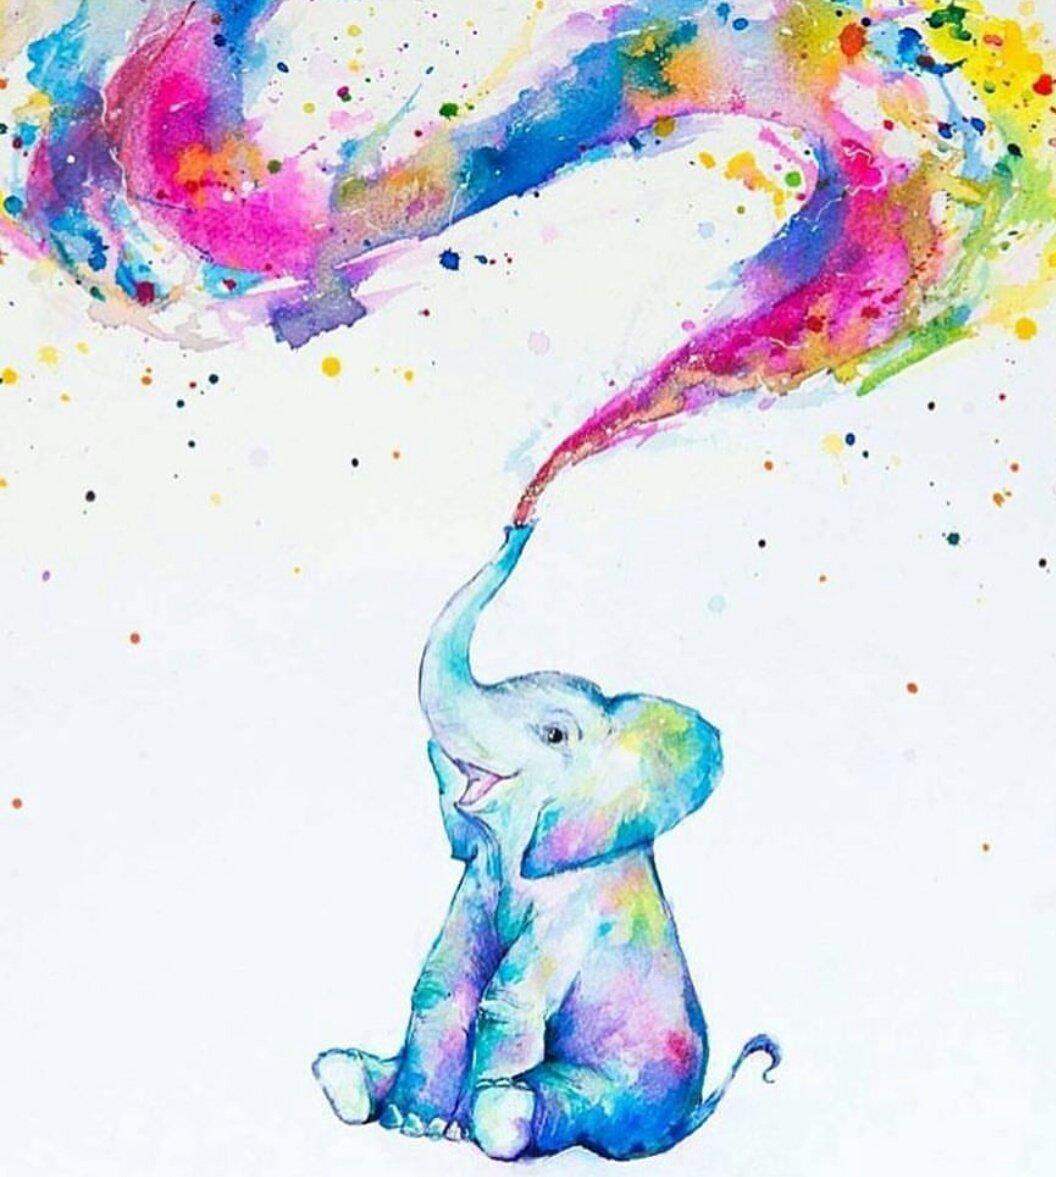 недавно прикольные идеи для рисунков красками спалили те